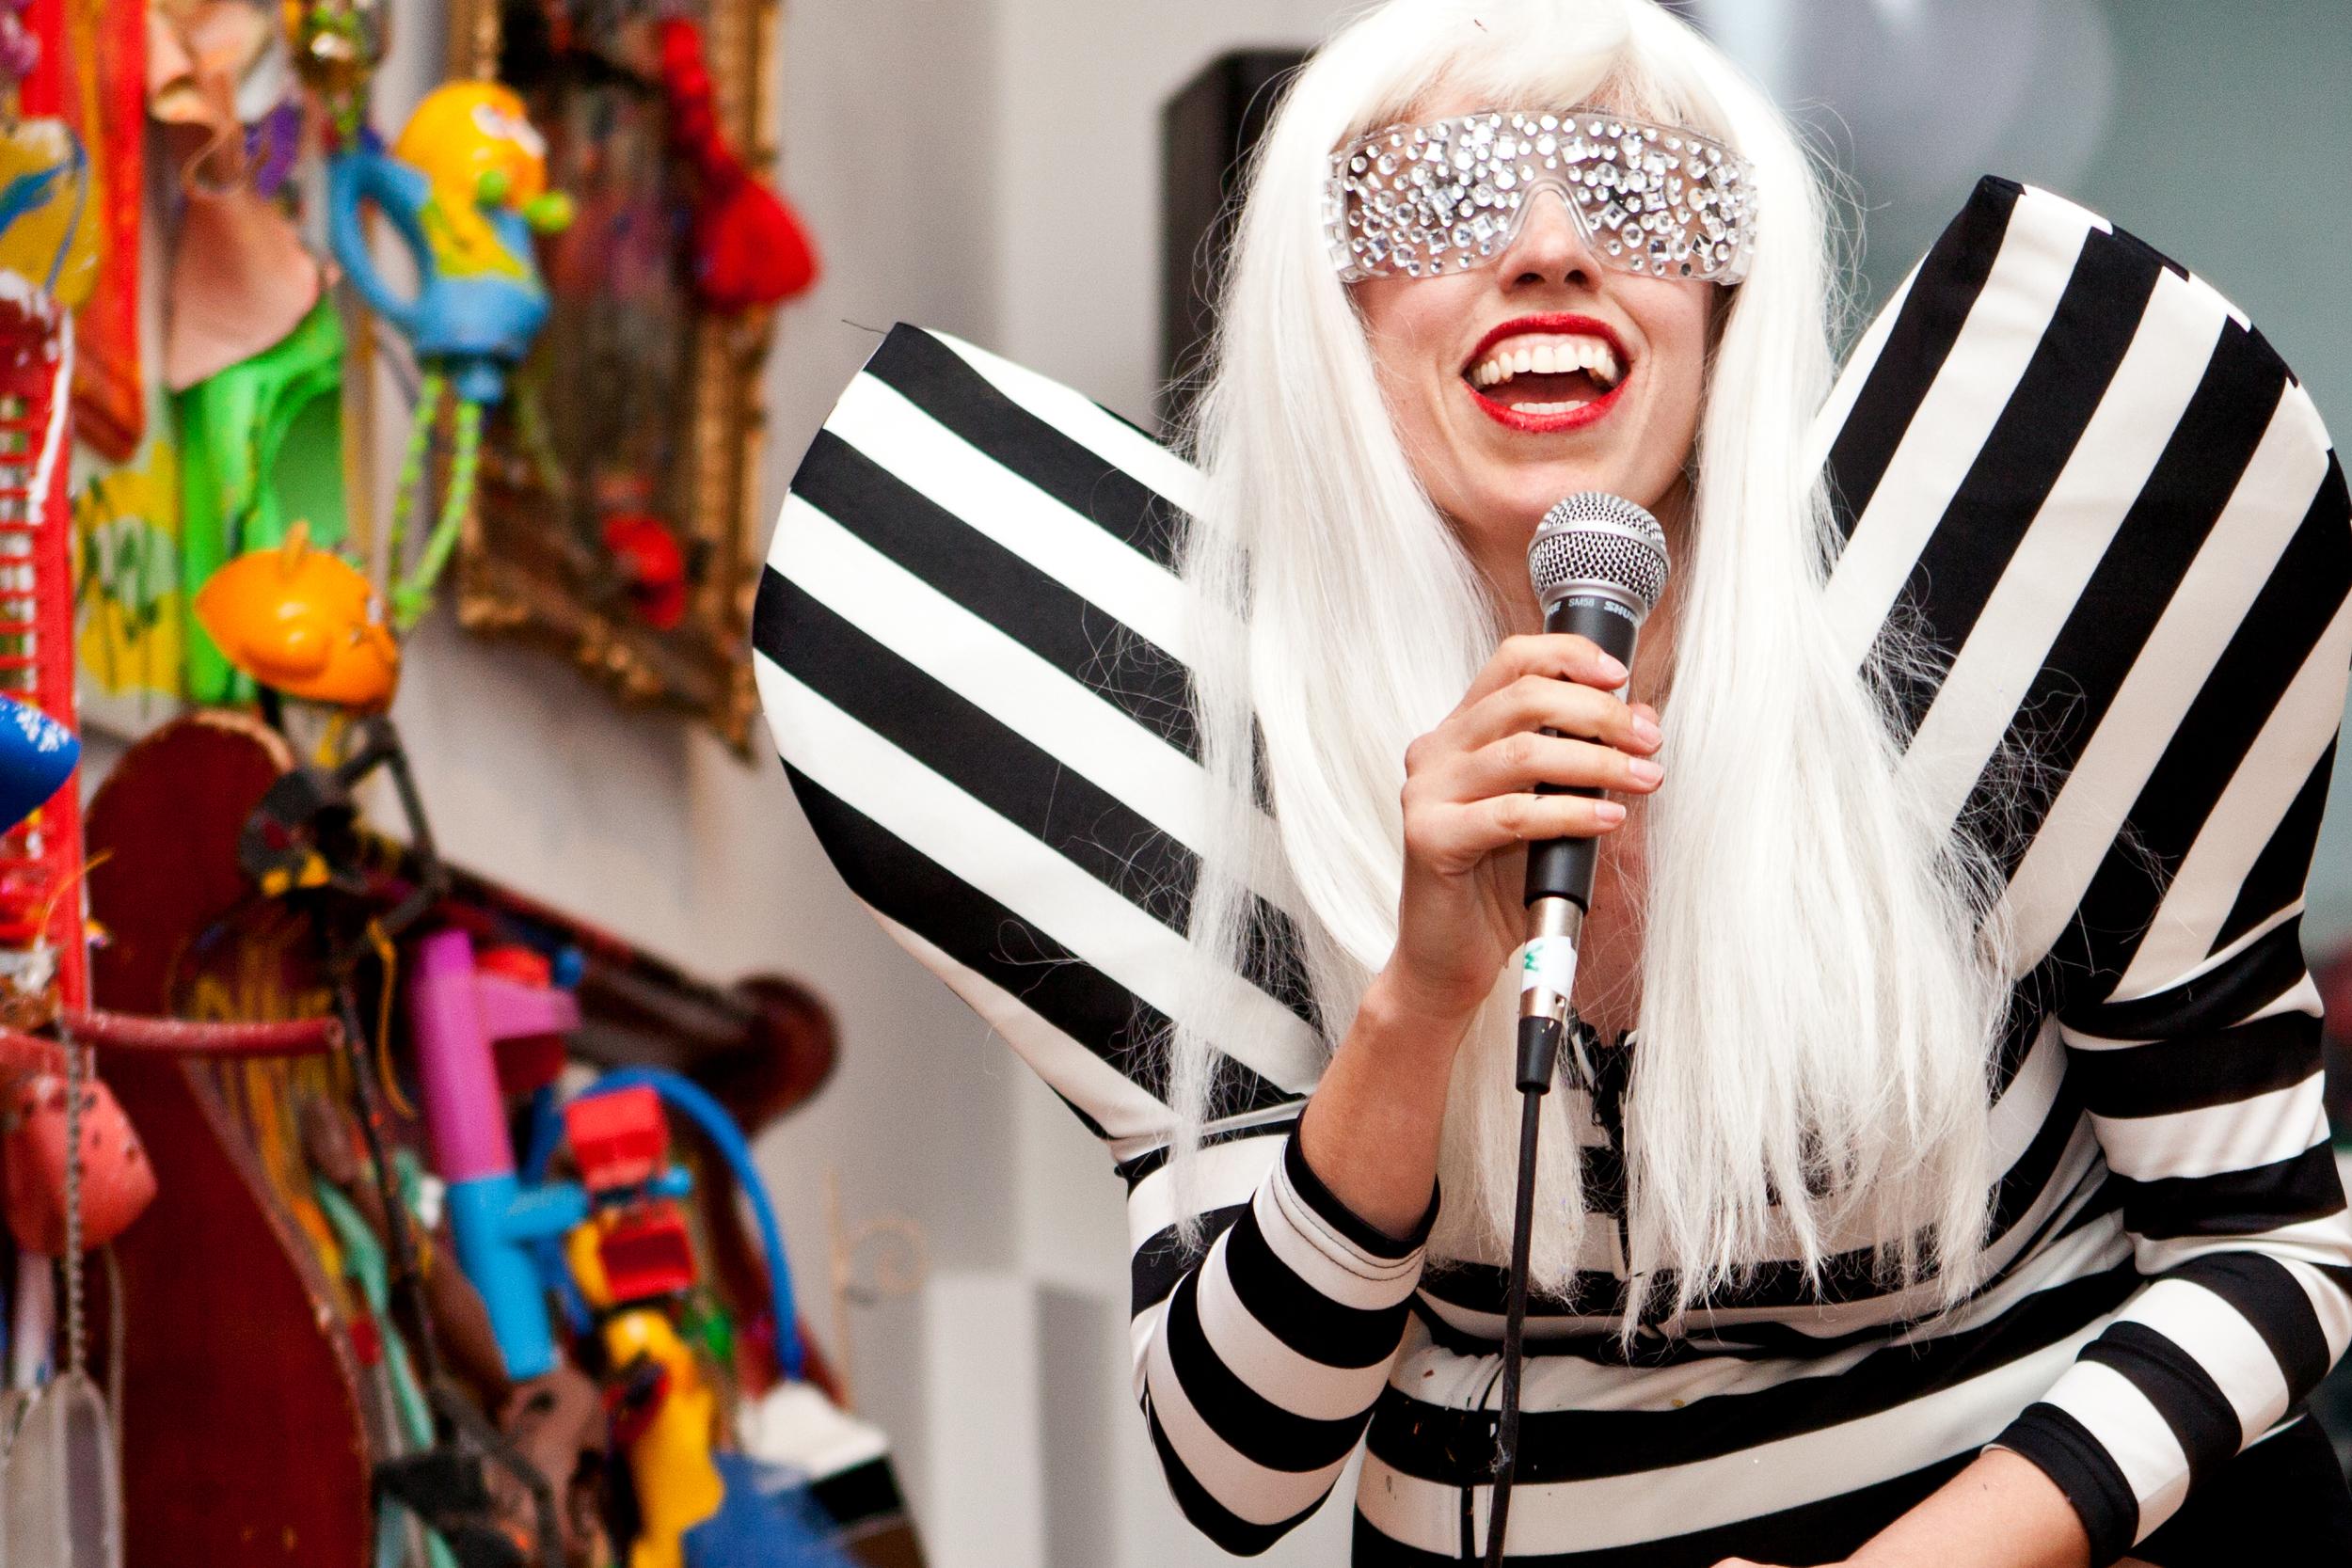 Athena Reich as Lady Gaga in #ARTBIRTH